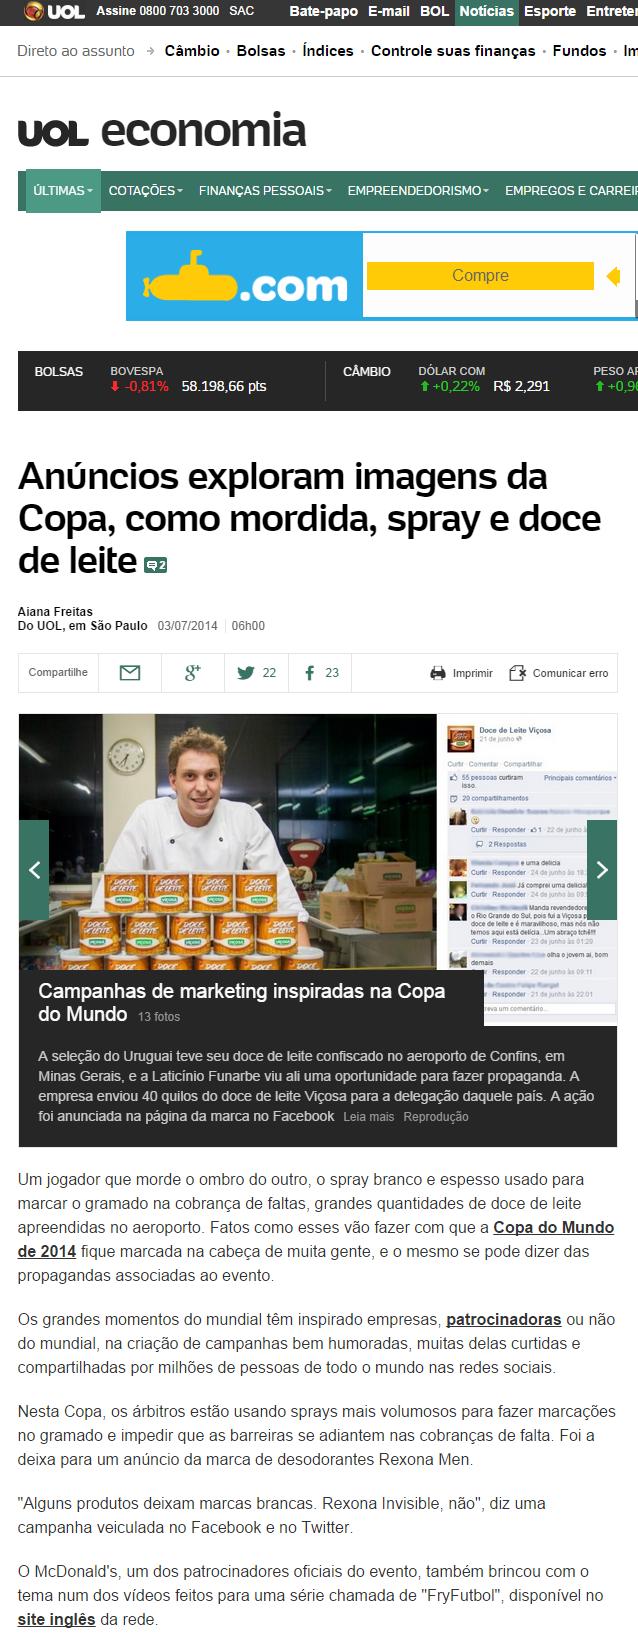 Anúncios-exploram-imagens-da-Copa-como-mordida-spray-e-doce-de-leite-noticias-UOL-Economia-e1492727425399